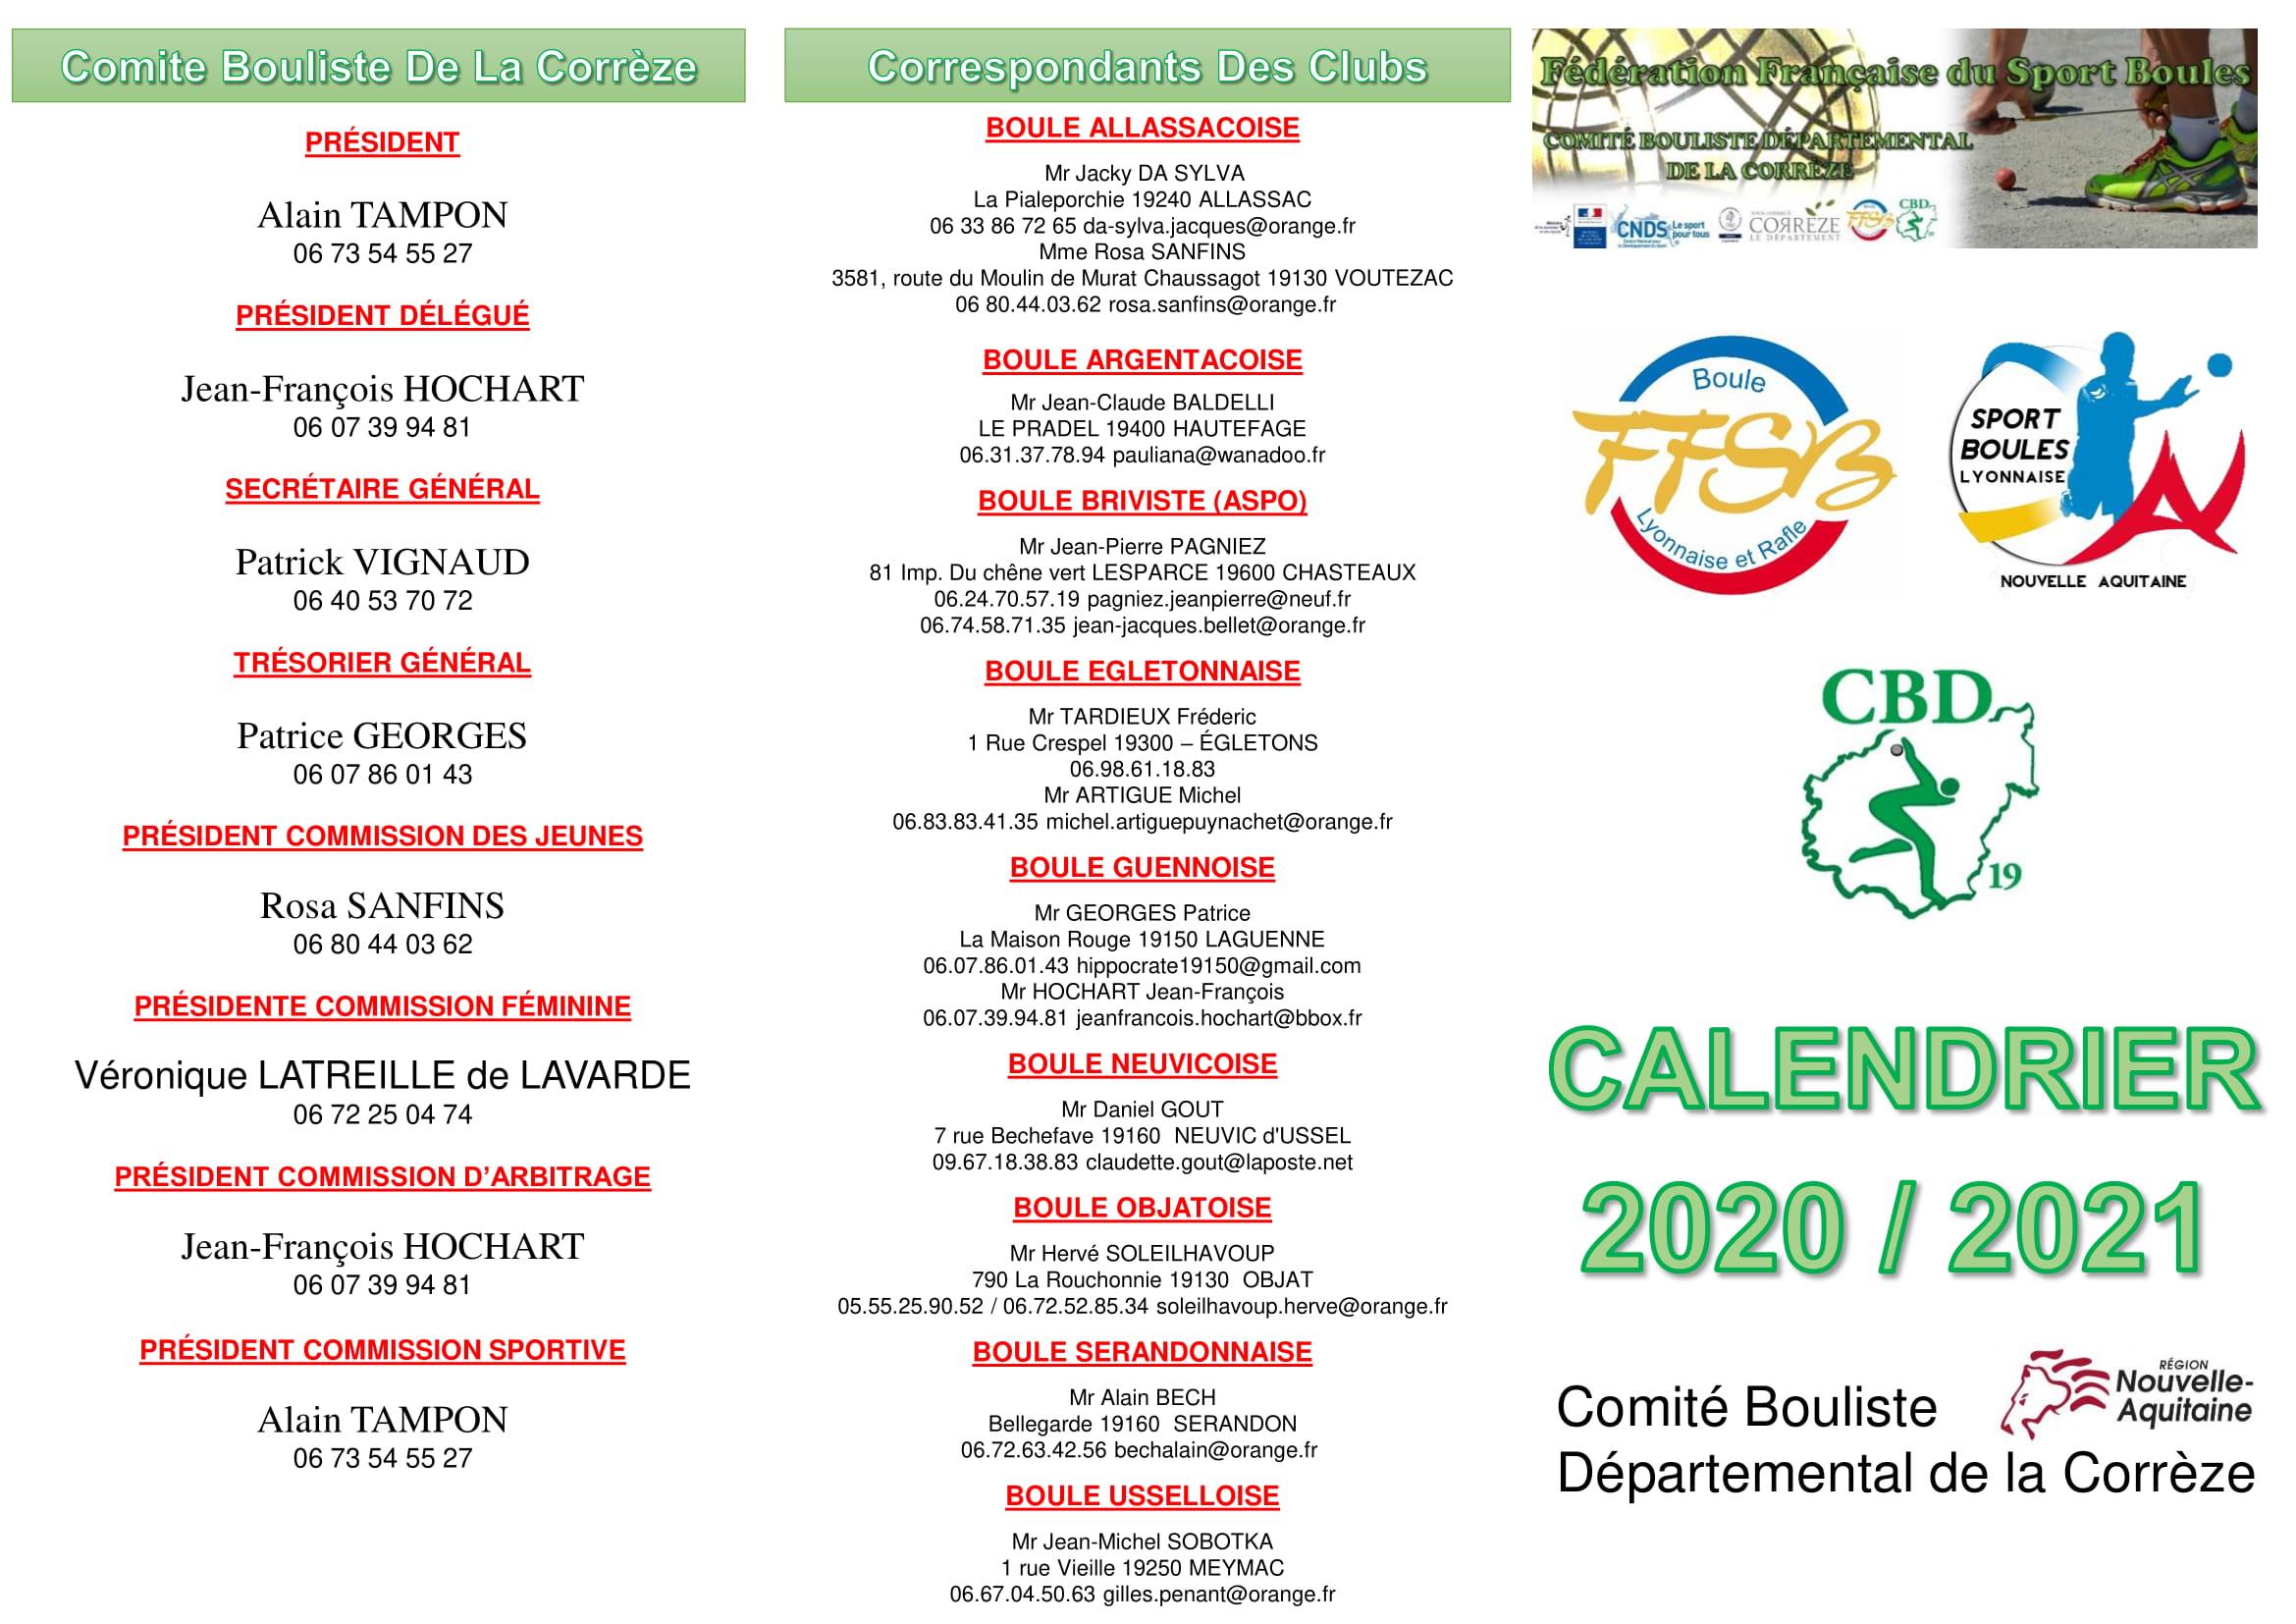 Calendier 2020_2021-V2-2-1.jpg